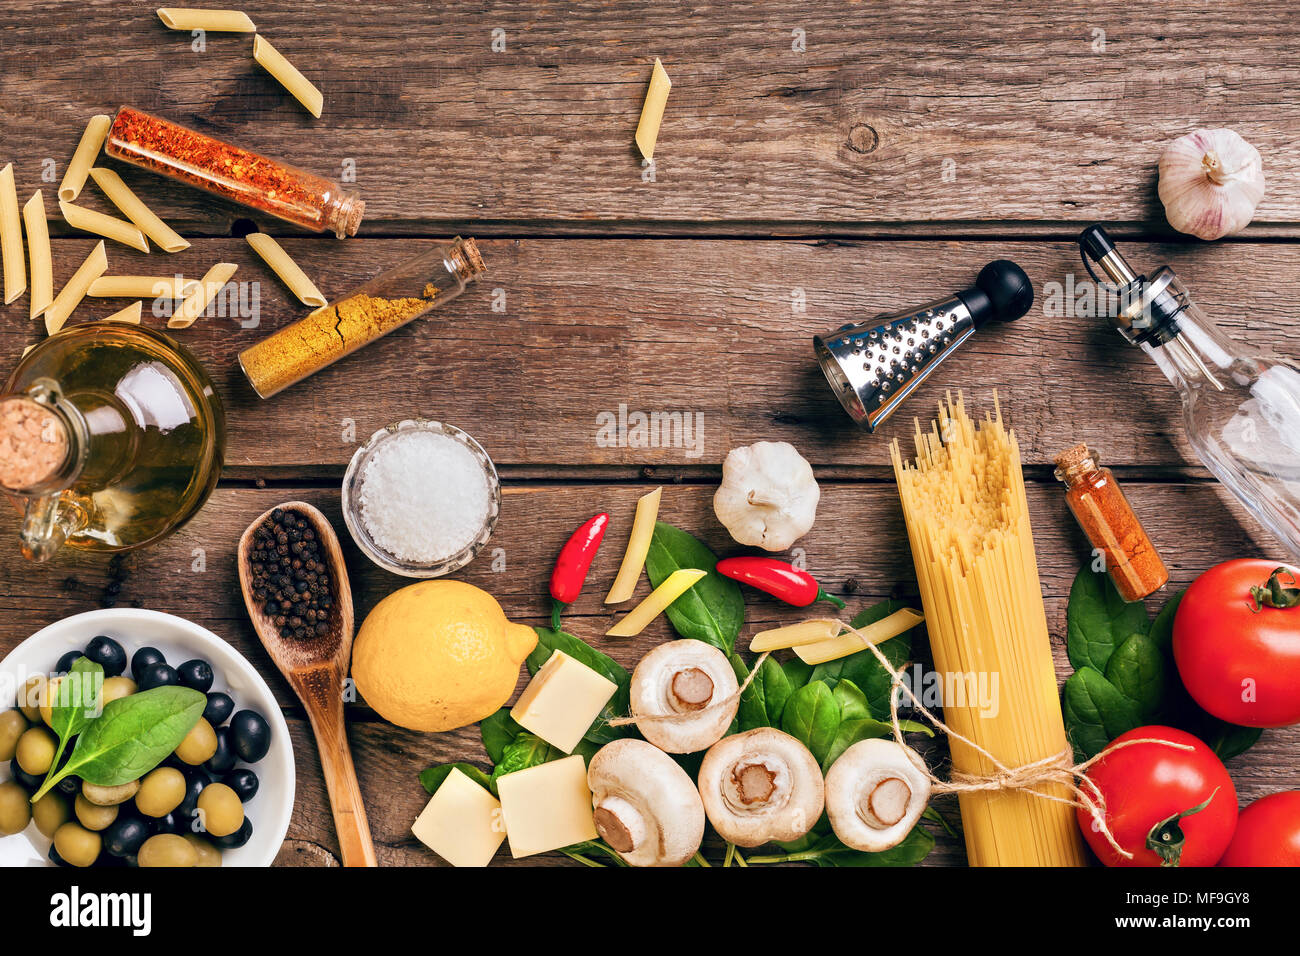 La nourriture italienne ingrédients pour la préparation des pâtes sur fond de bois Photo Stock